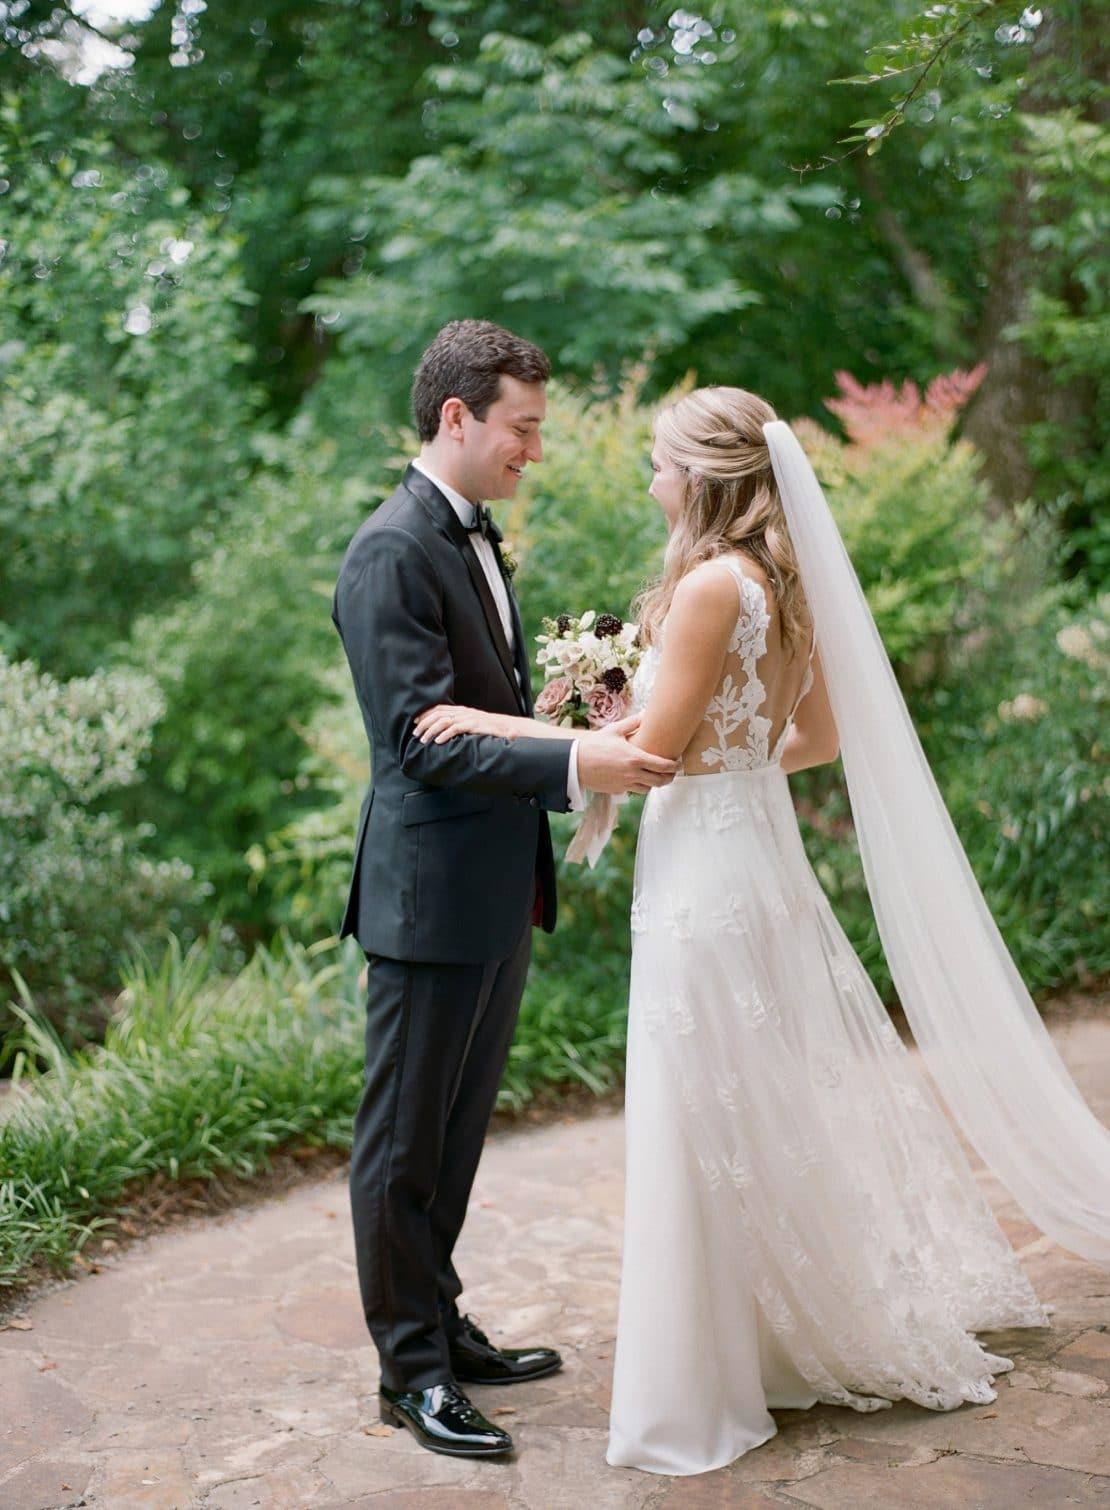 Allie & Matt